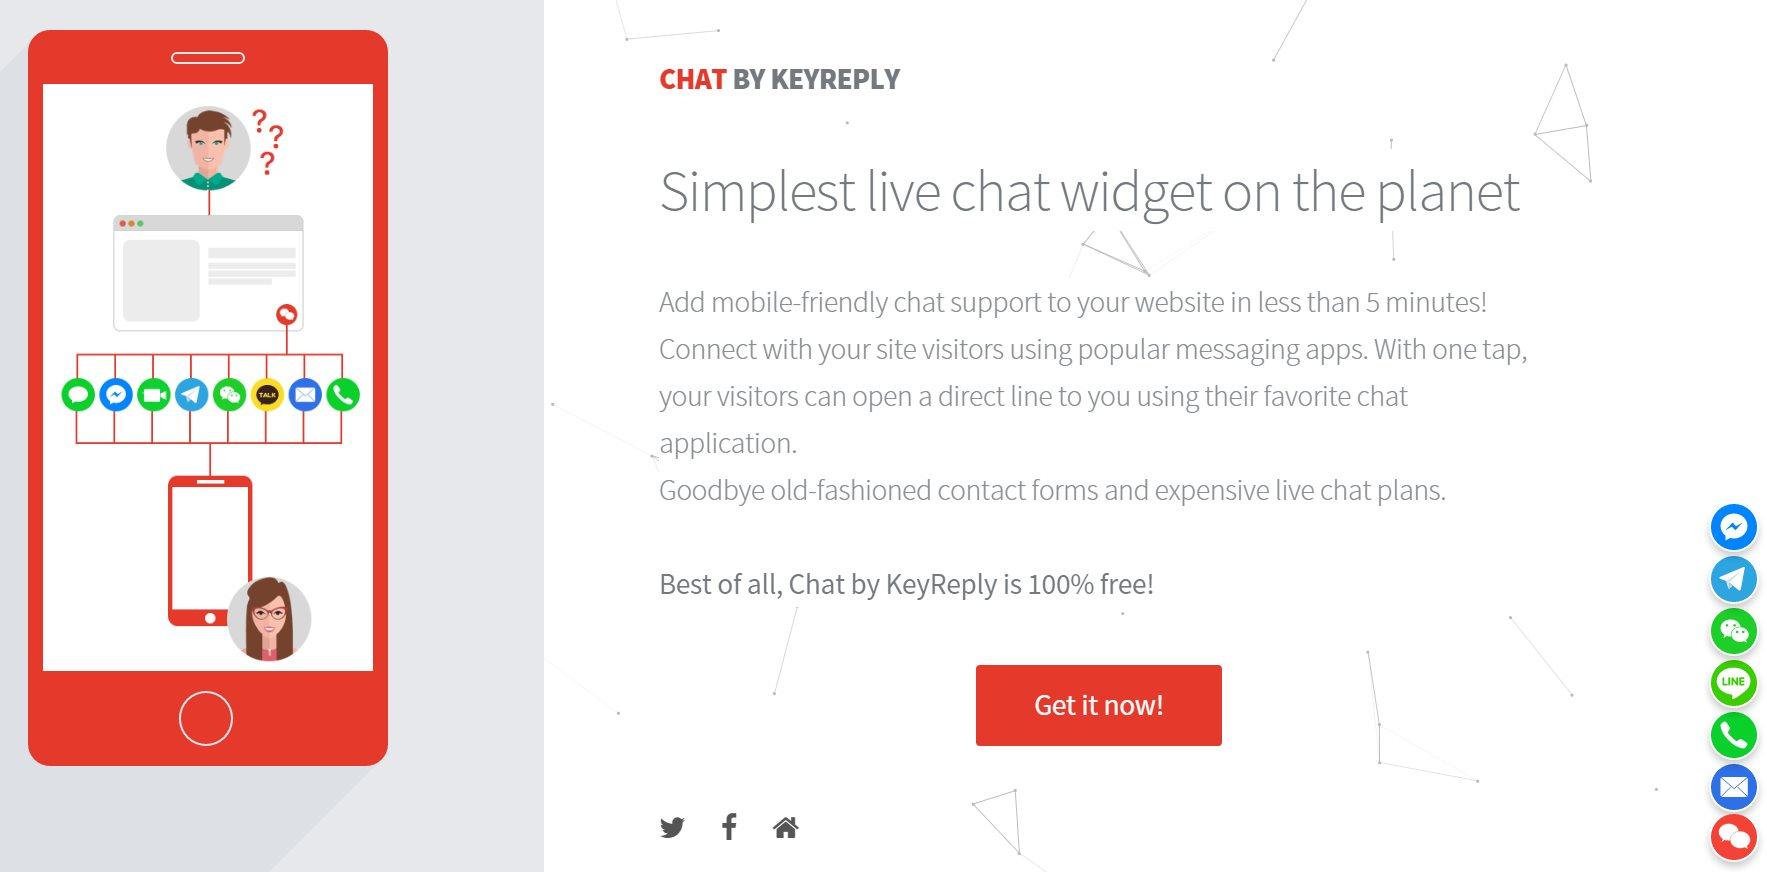 Una práctica forma de ofrecer un chat a los visitantes de nuestra web